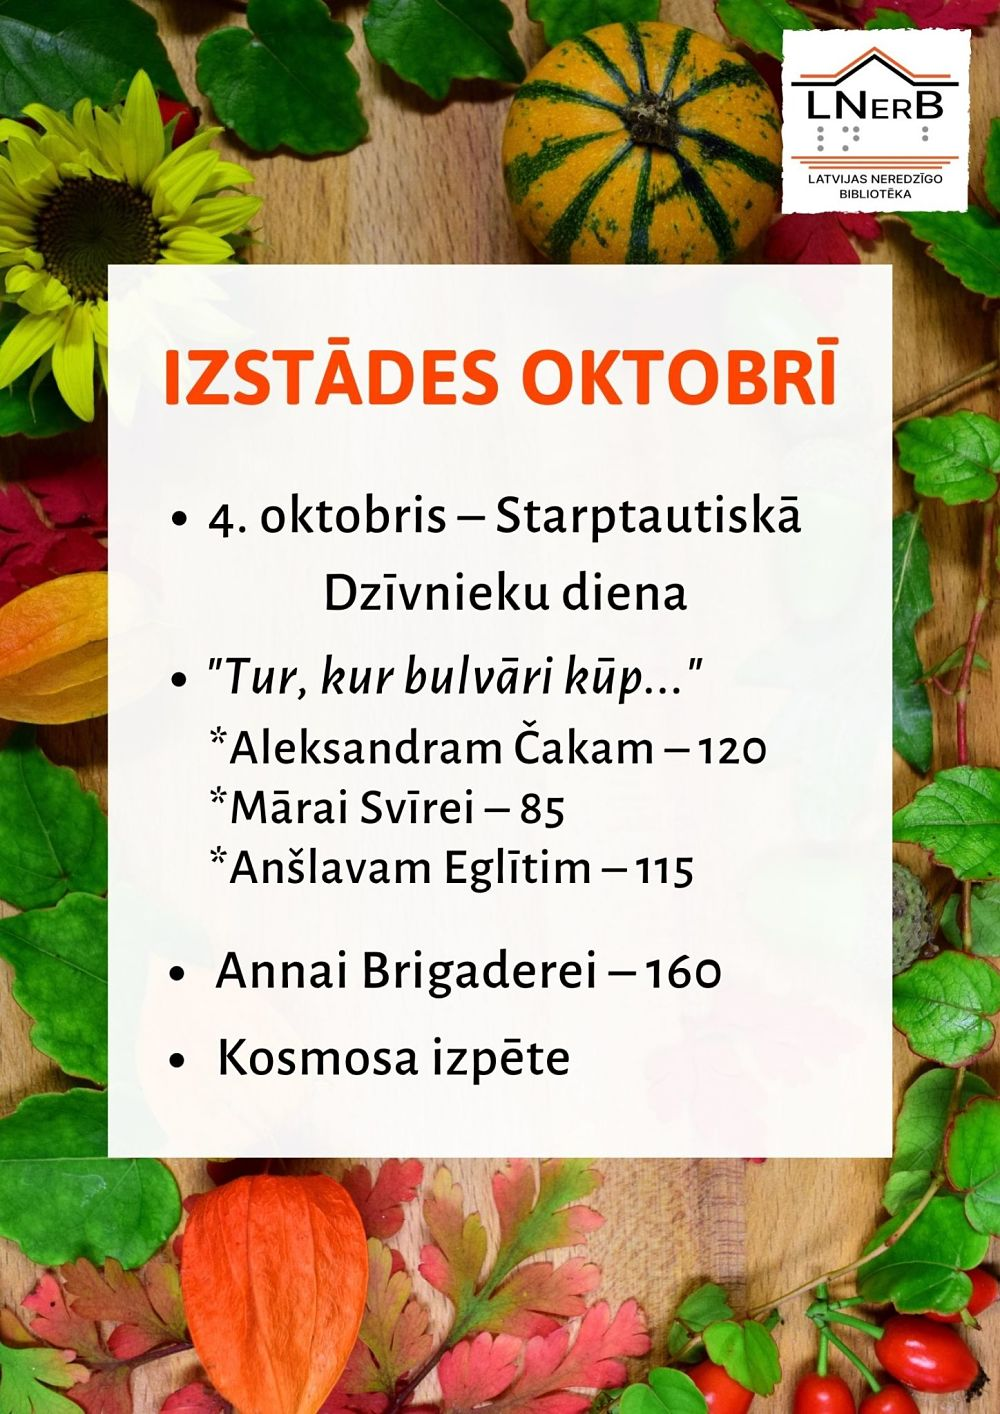 Plakāts izstādes oktobrī Rīgā 2021